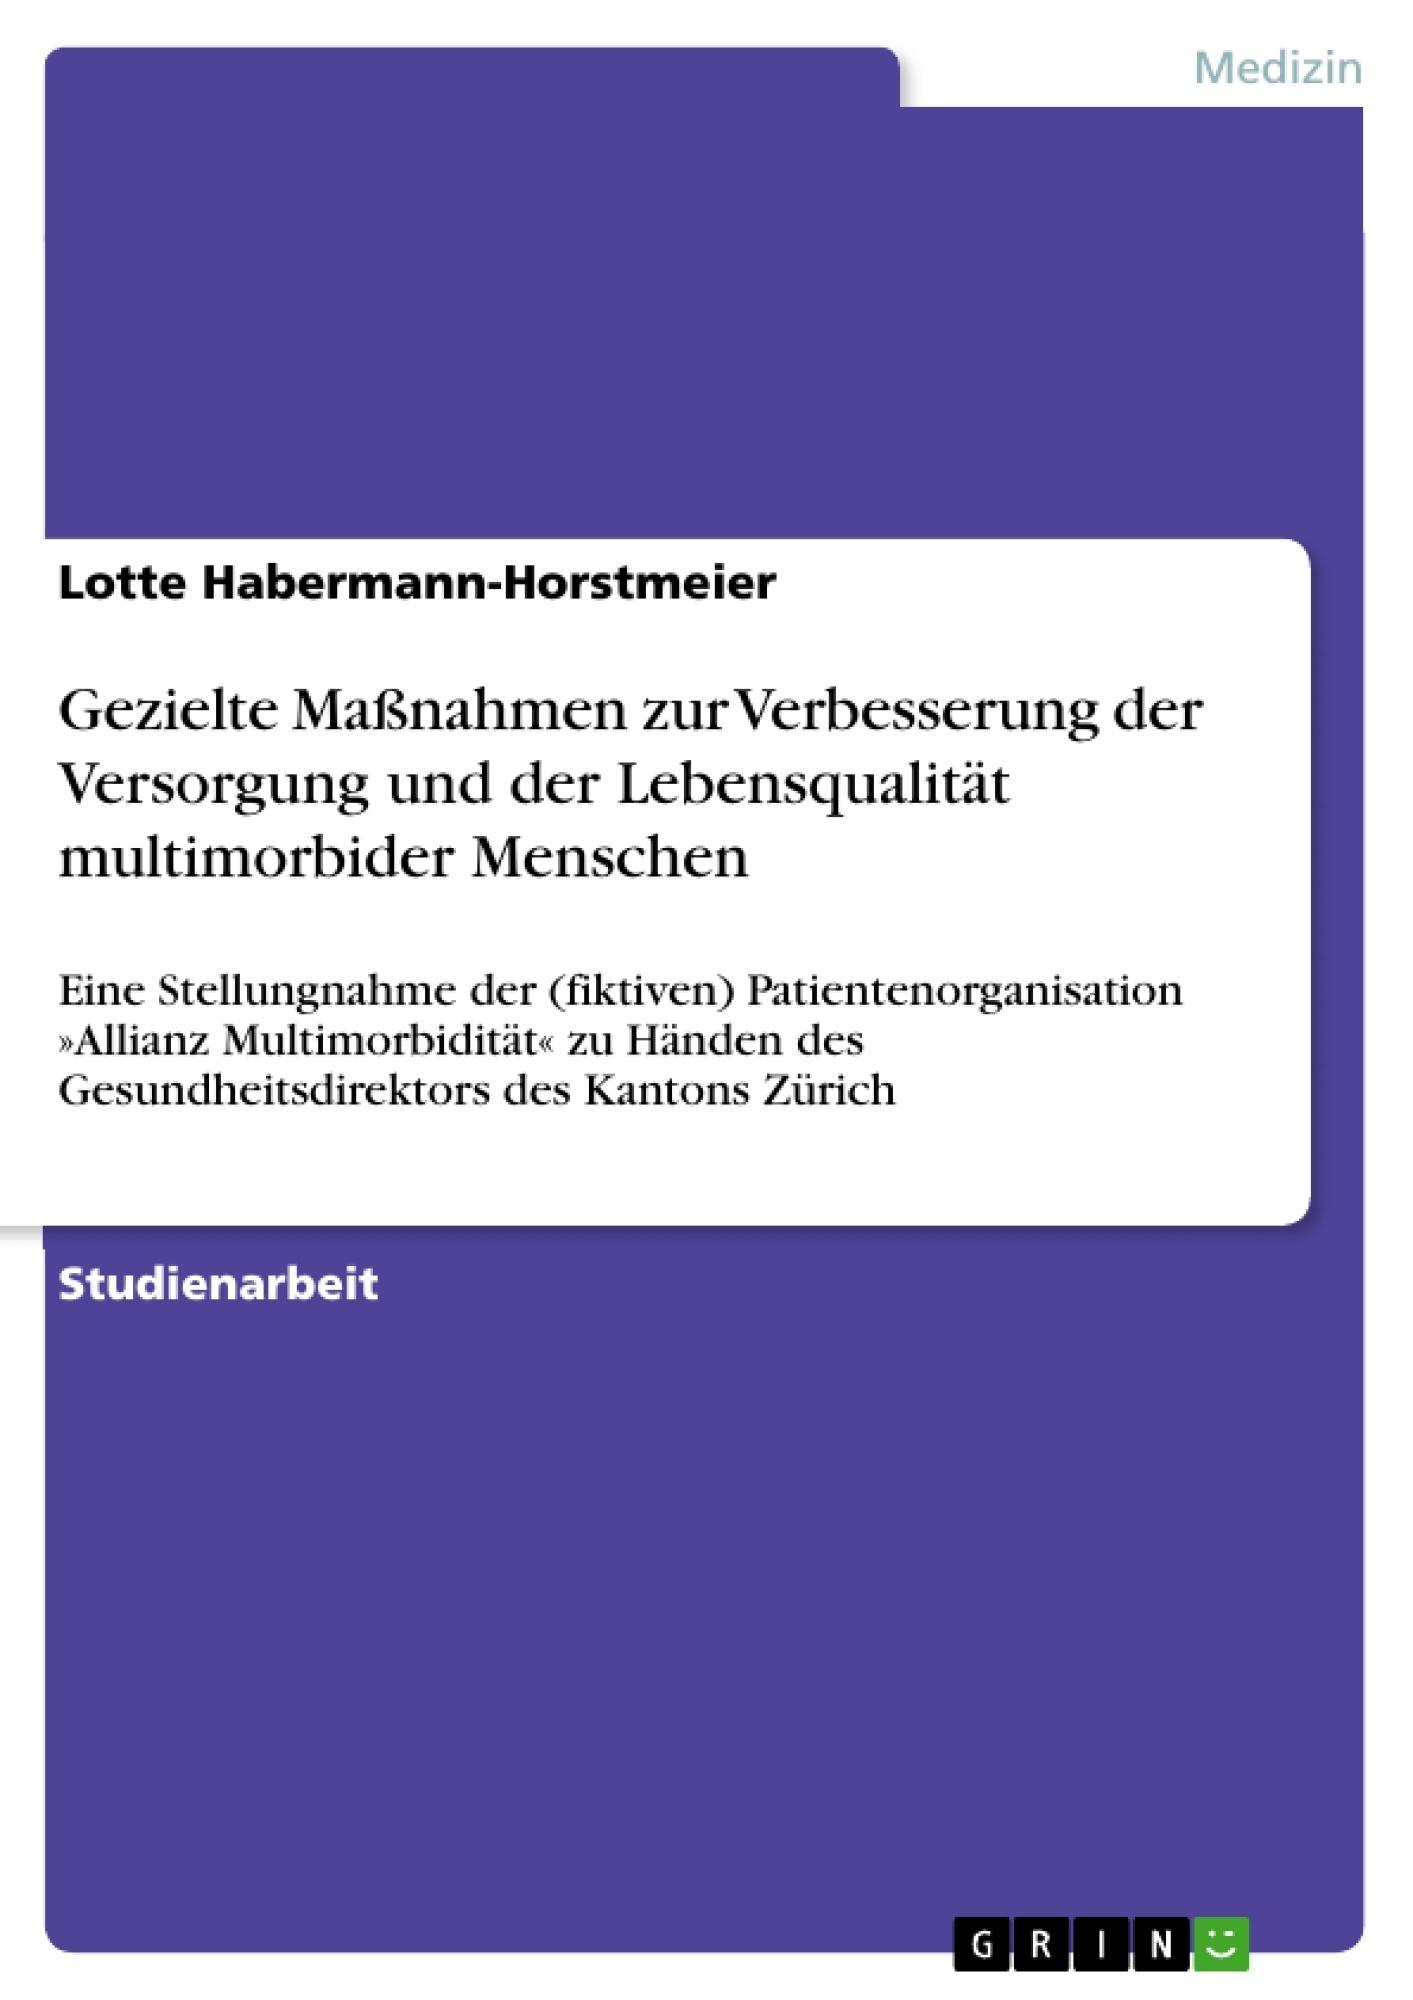 Titel: Gezielte Maßnahmen zur Verbesserung der Versorgung und der Lebensqualität multimorbider Menschen